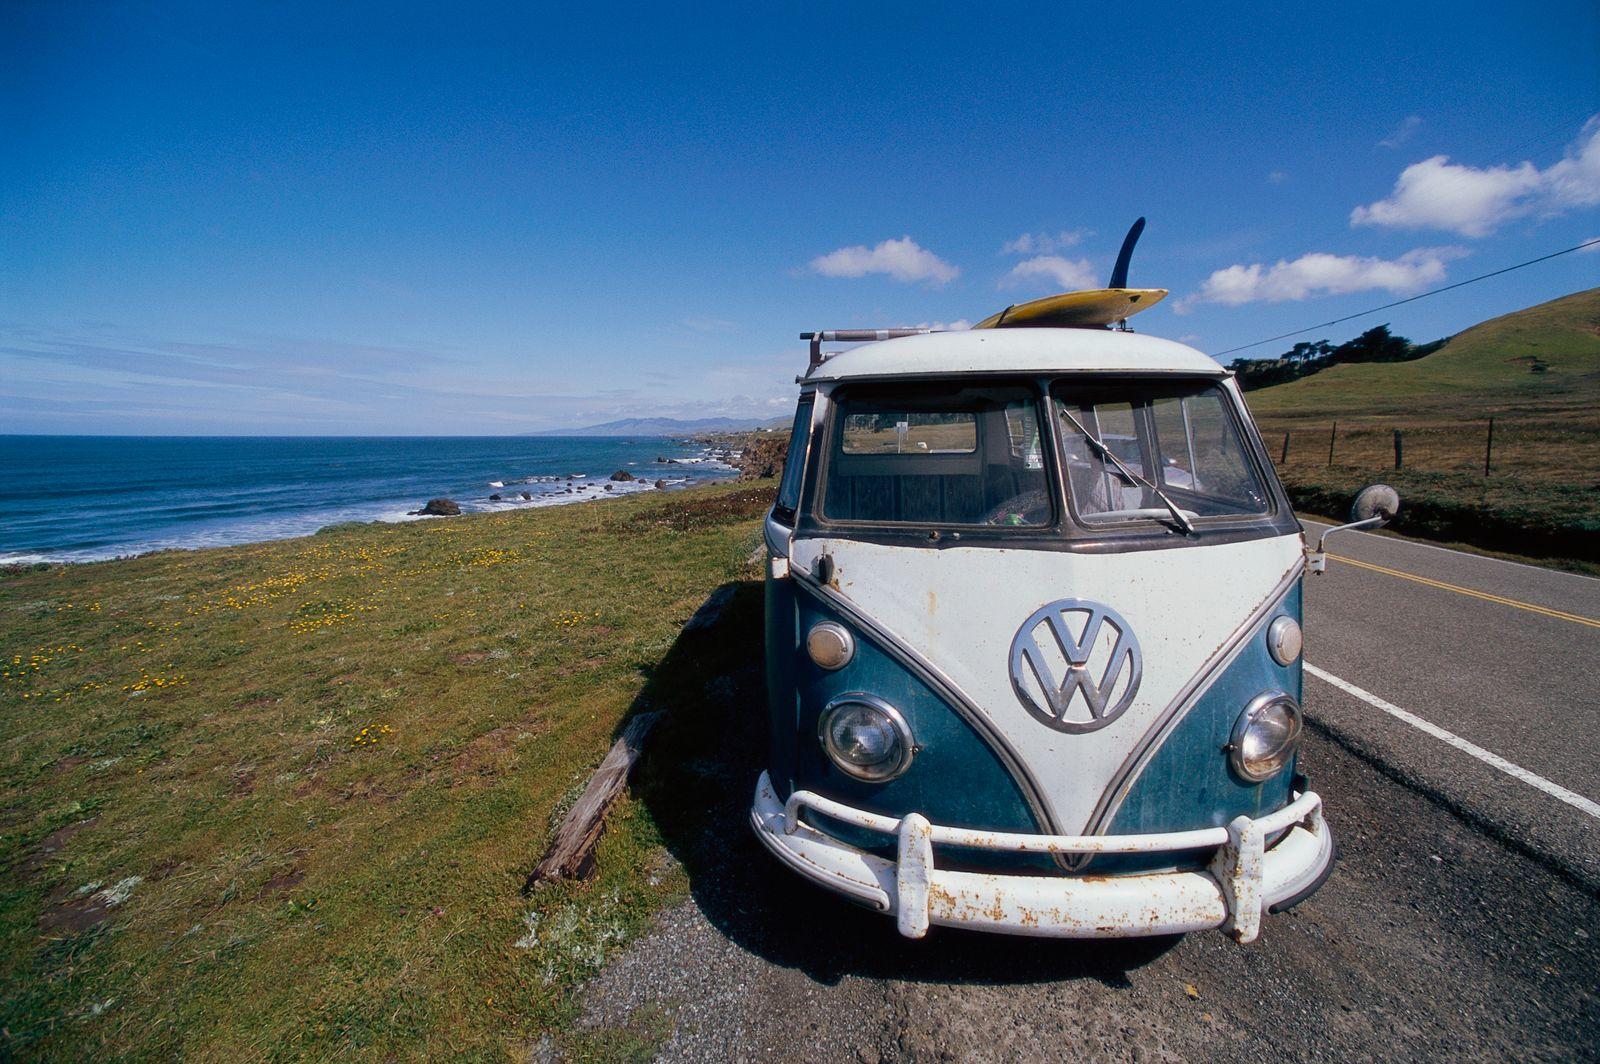 NICHT MEHR VERWENDEN! - VW Bus / Surfer / Freiheit